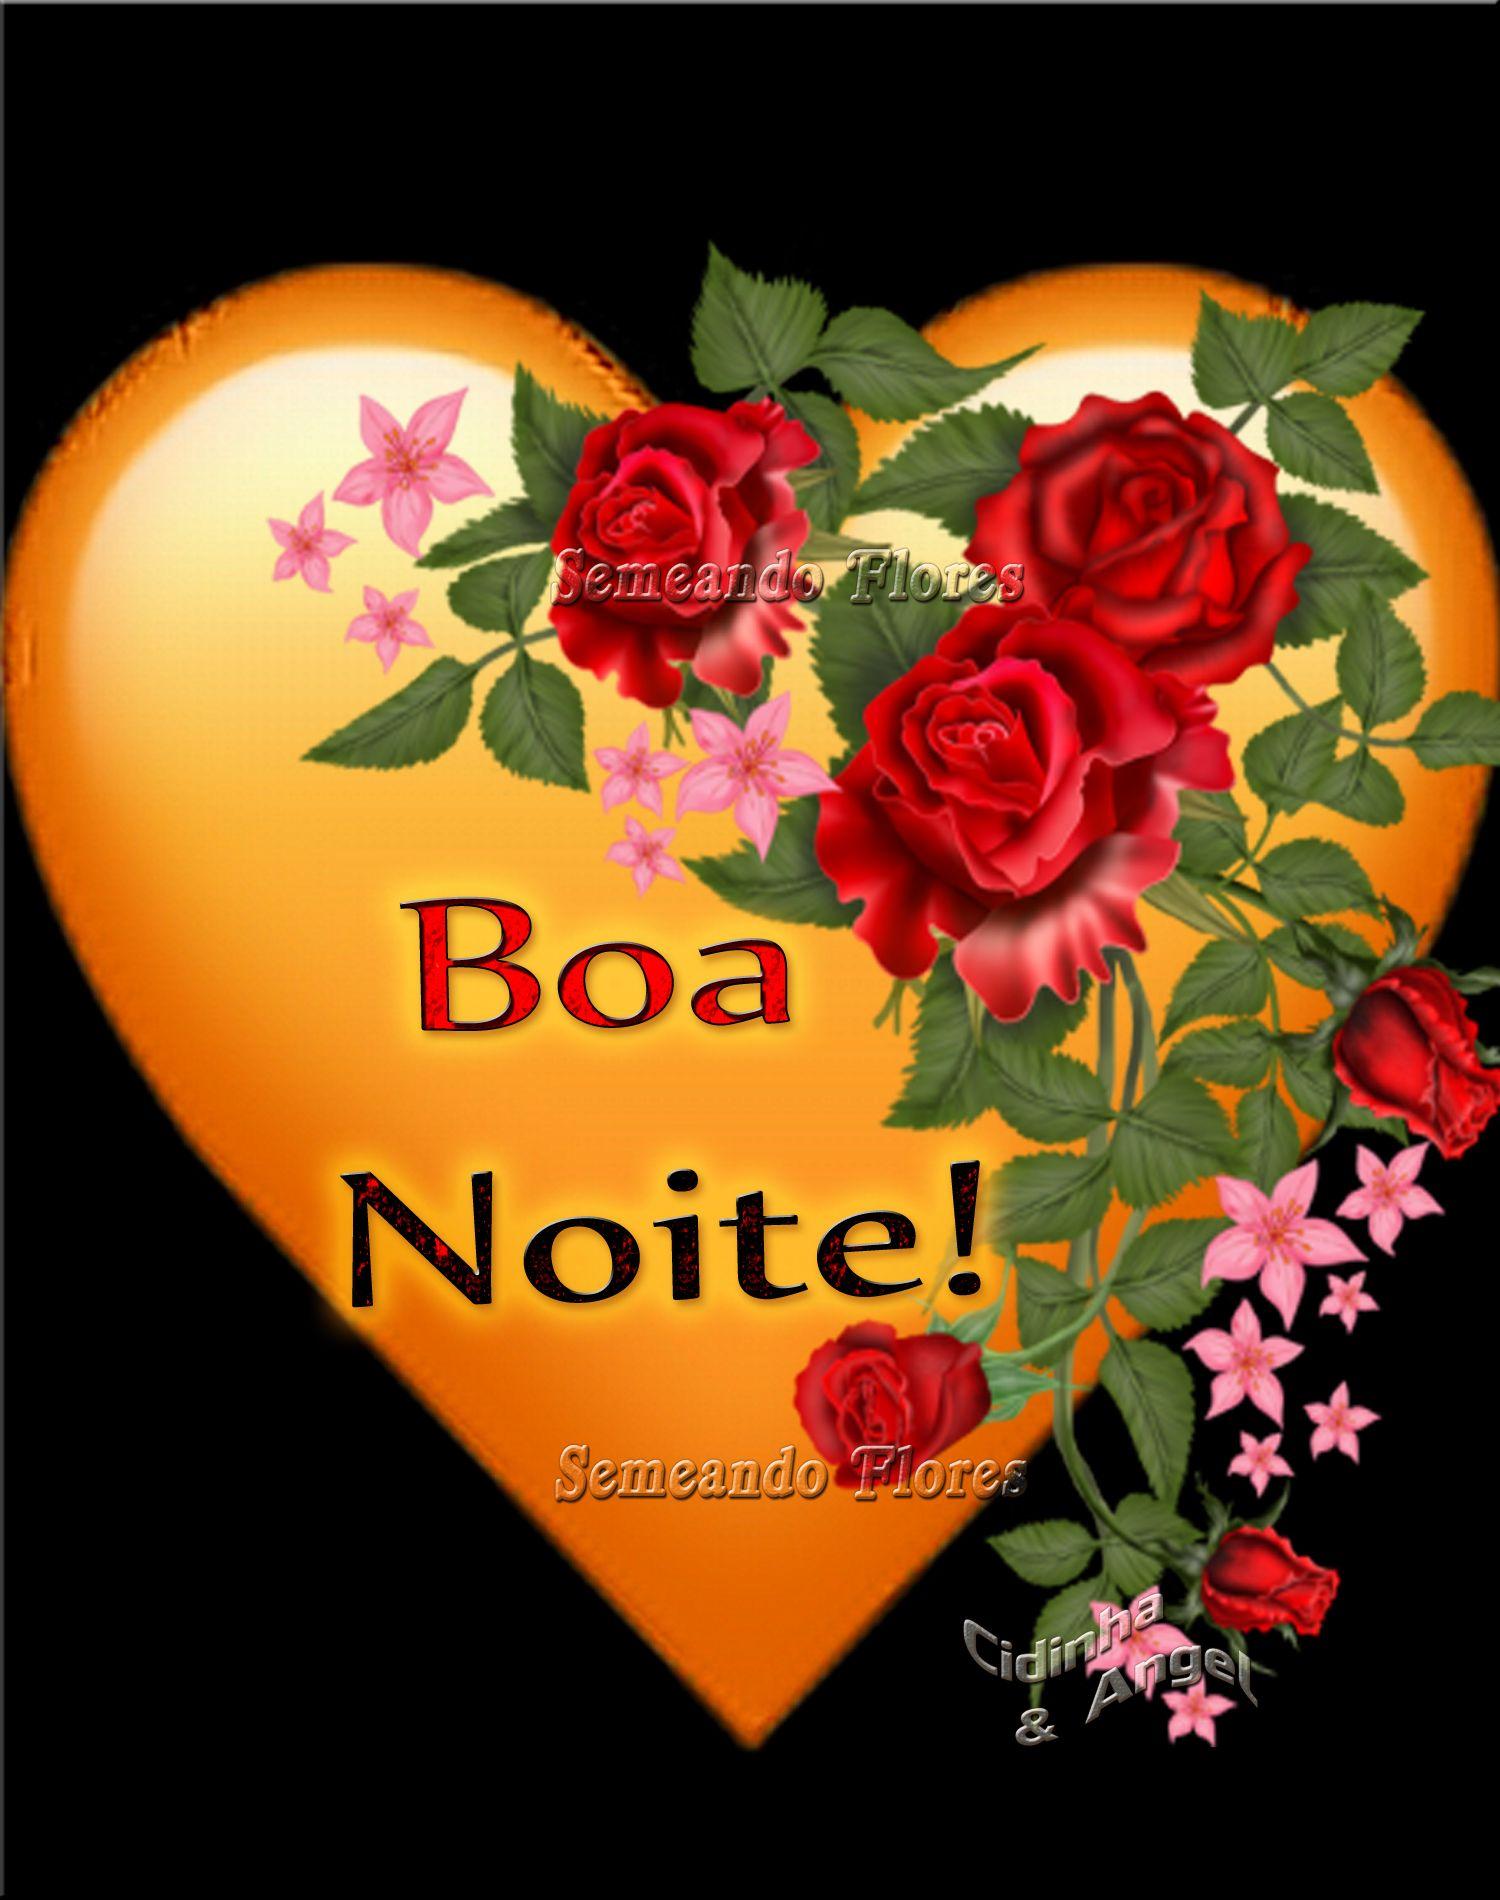 Pin De Edesia Santos Em Mensagem De Boa Noite Boa Noite Com Fe